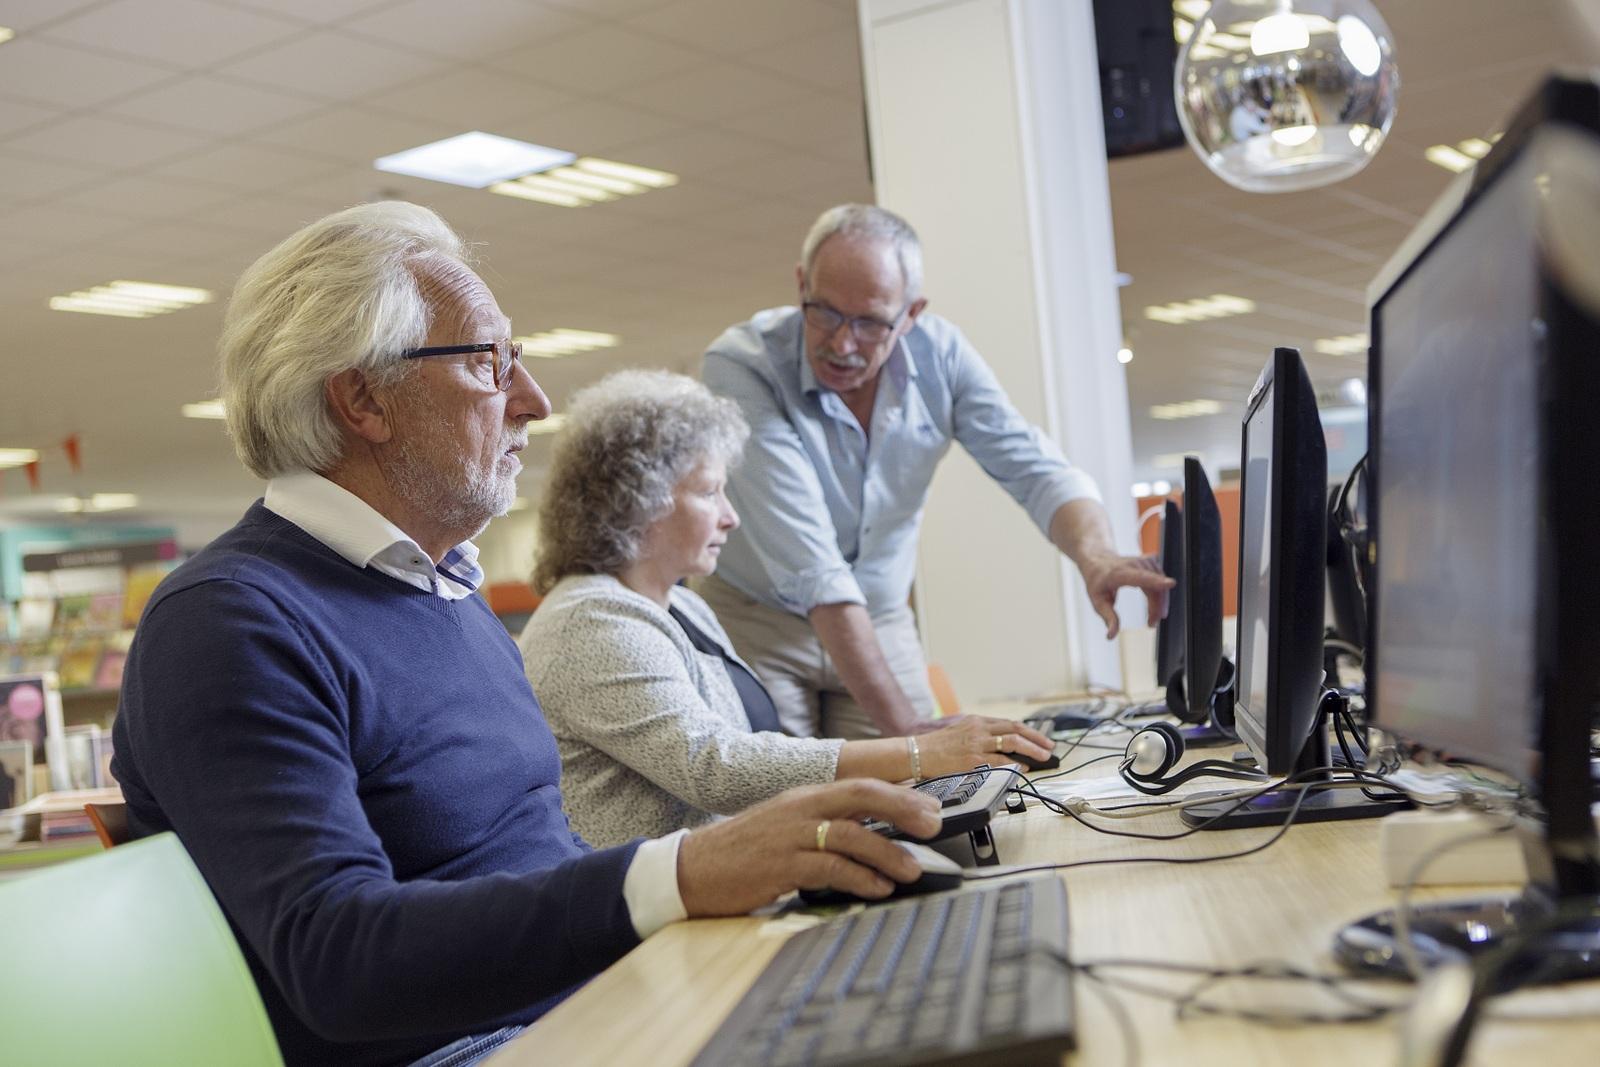 Bibliotheek De Biezantijn zoekt digitale vrijwilliger